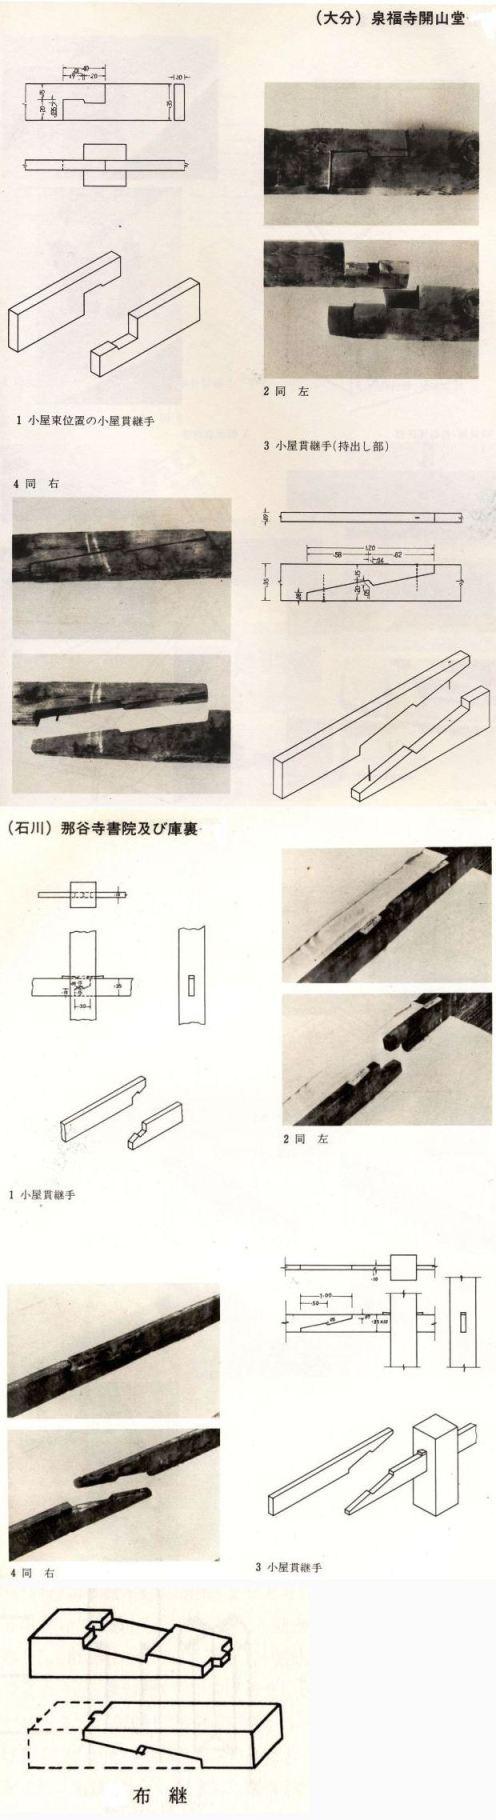 「相欠き」の一種である「略鎌」のいくつかを「文化財建造物伝統技法集成」から転載します。 いずれも、細物の「貫」が使われるようになった江戸時...